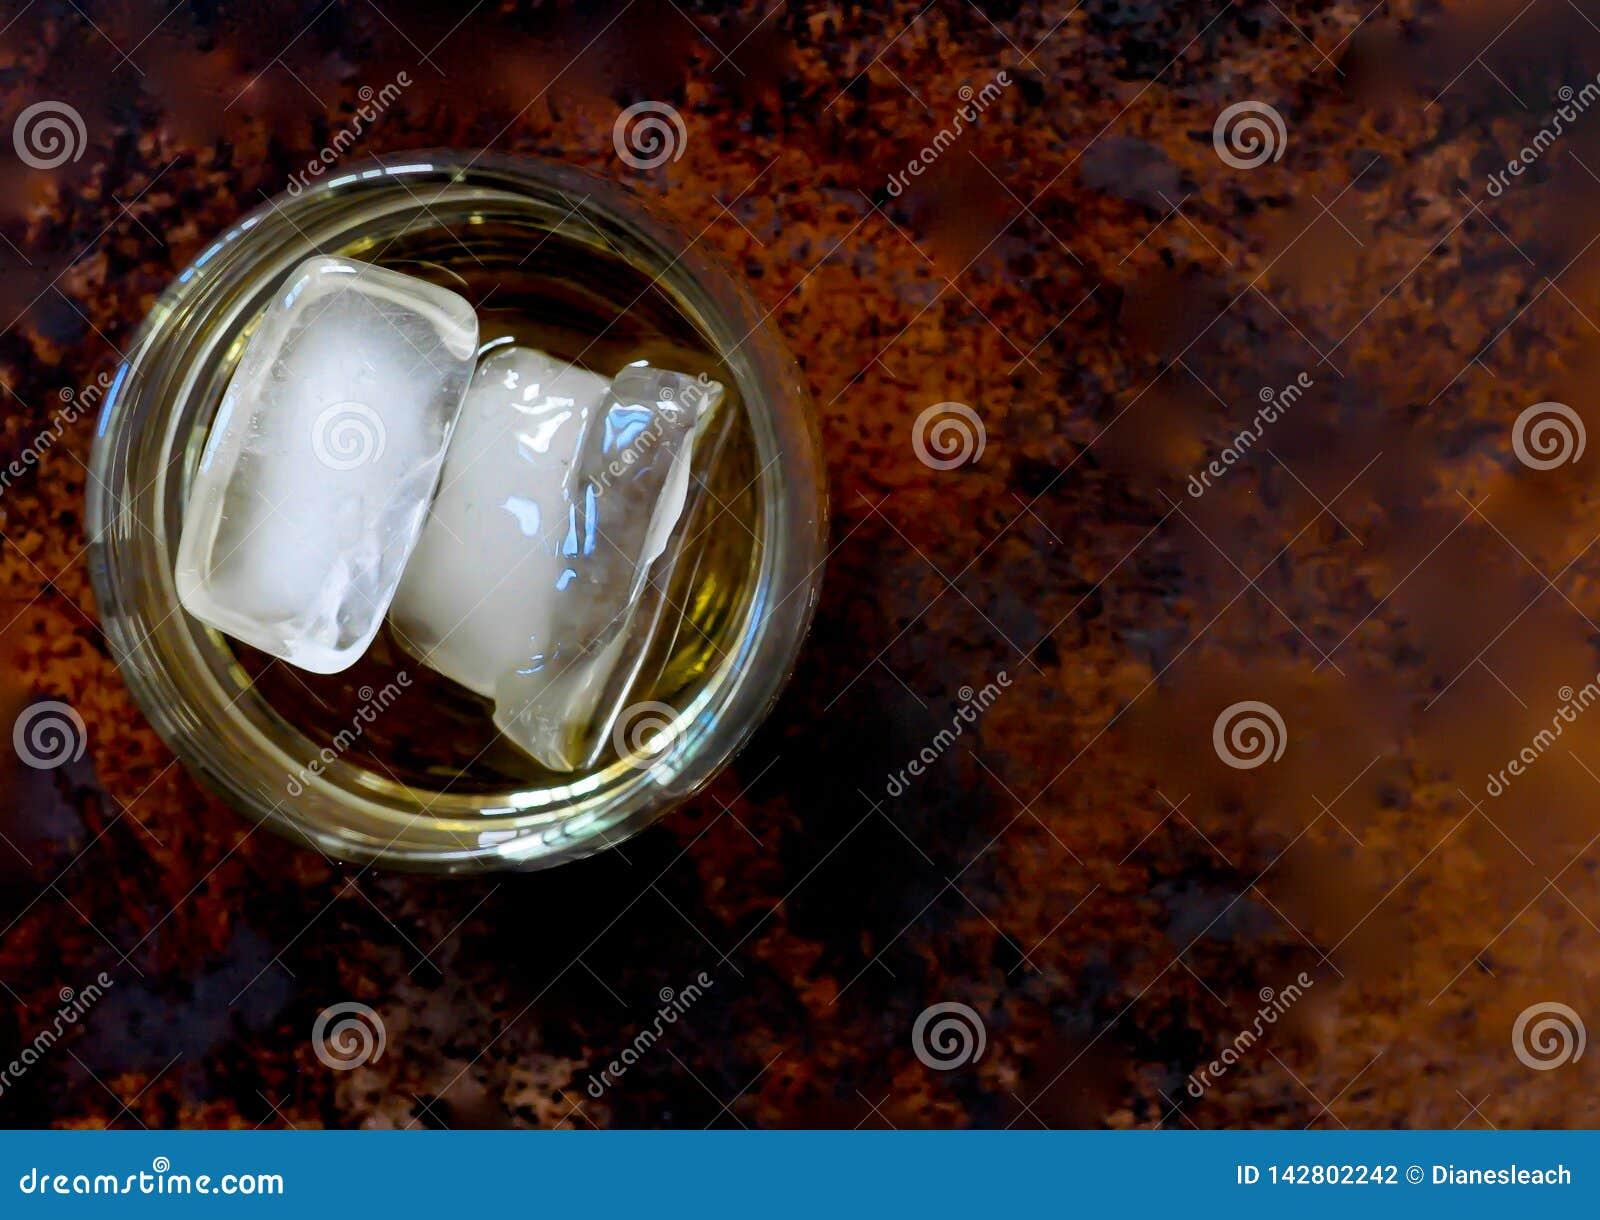 Vetro di scozzese con tre cubetti di ghiaccio, lasciato del centro, su un fondo marrone